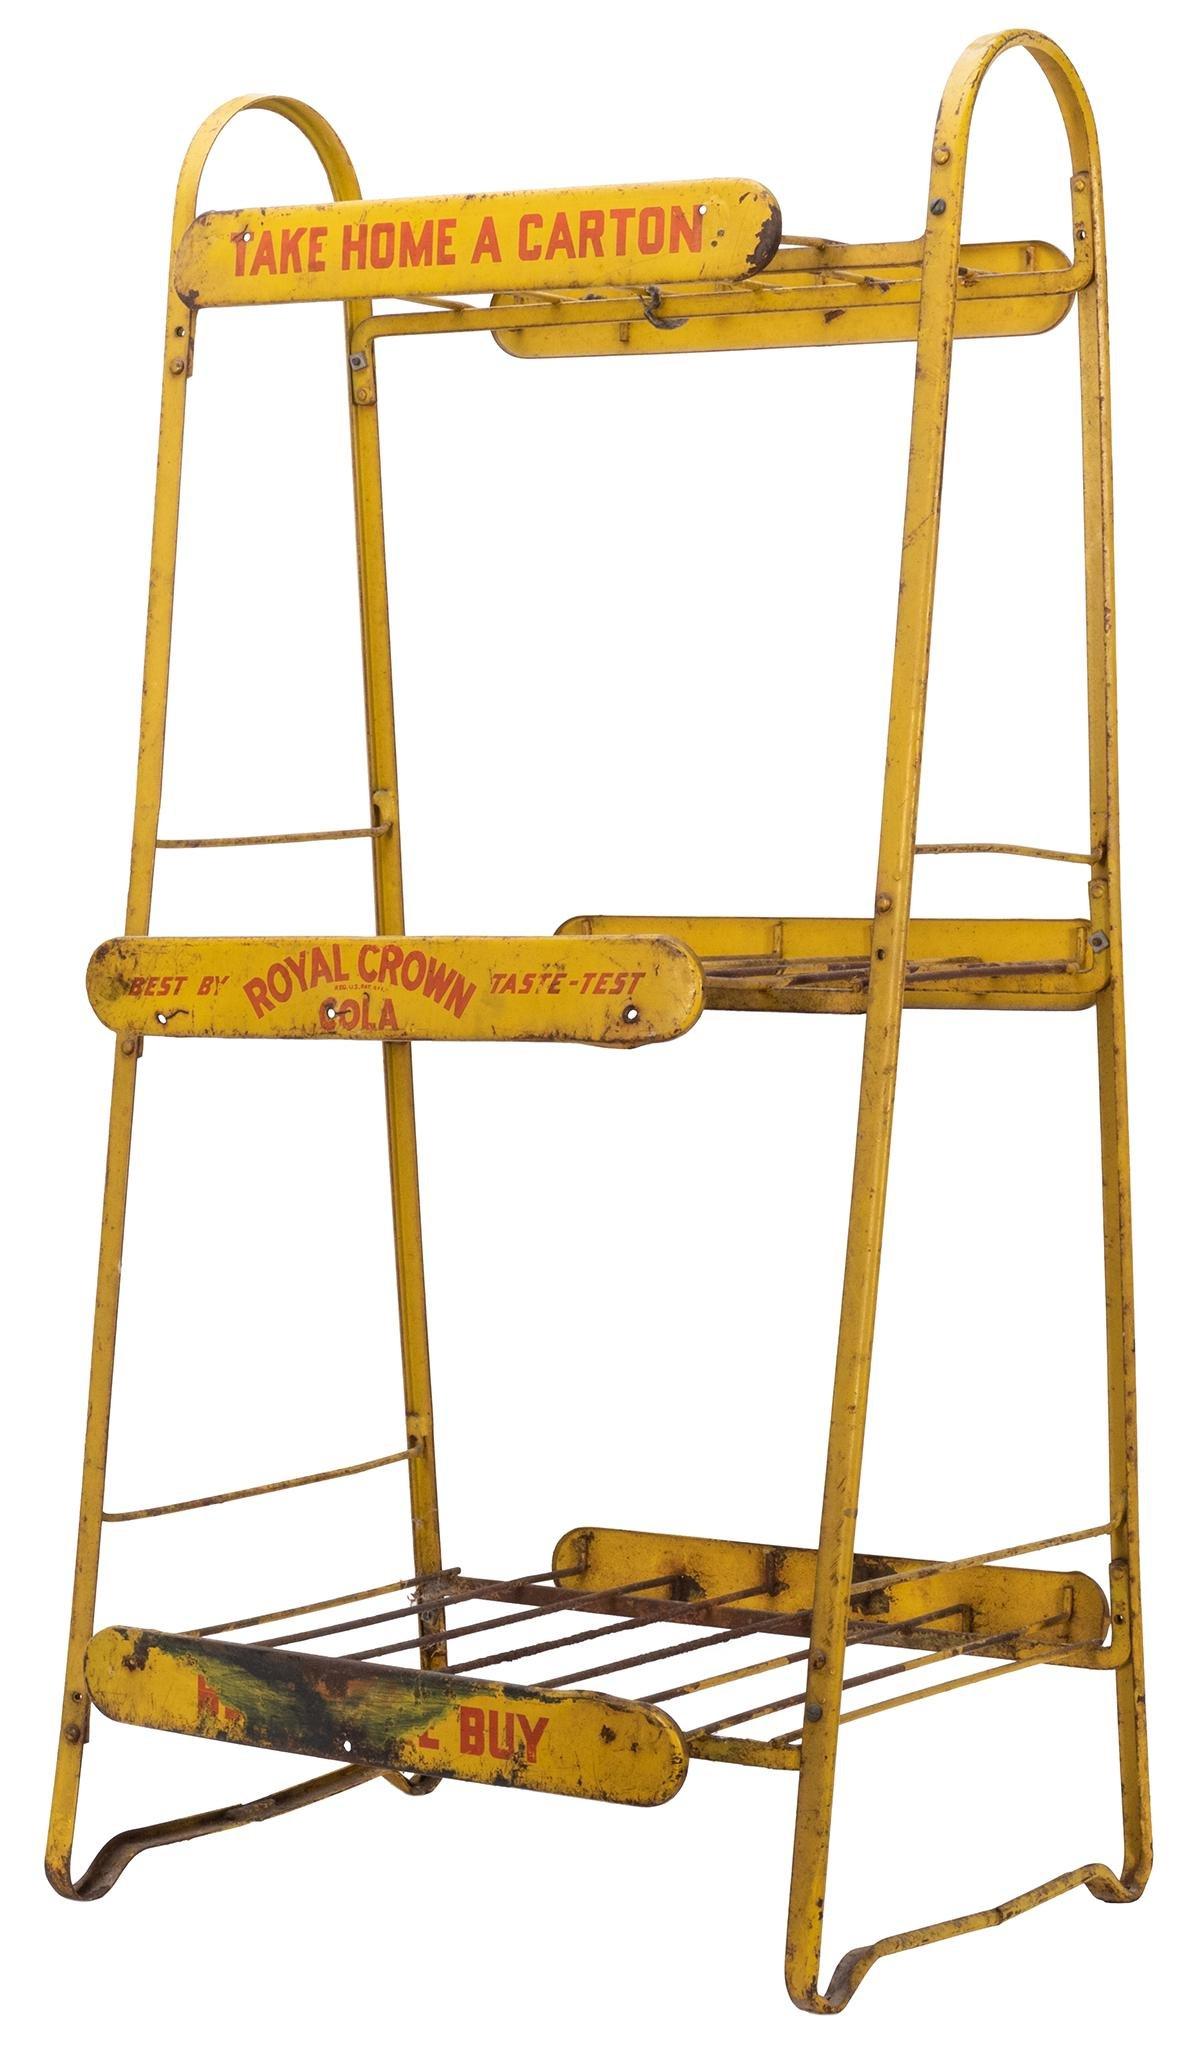 Royal Crown Cola Display Rack. Painted yellow metal